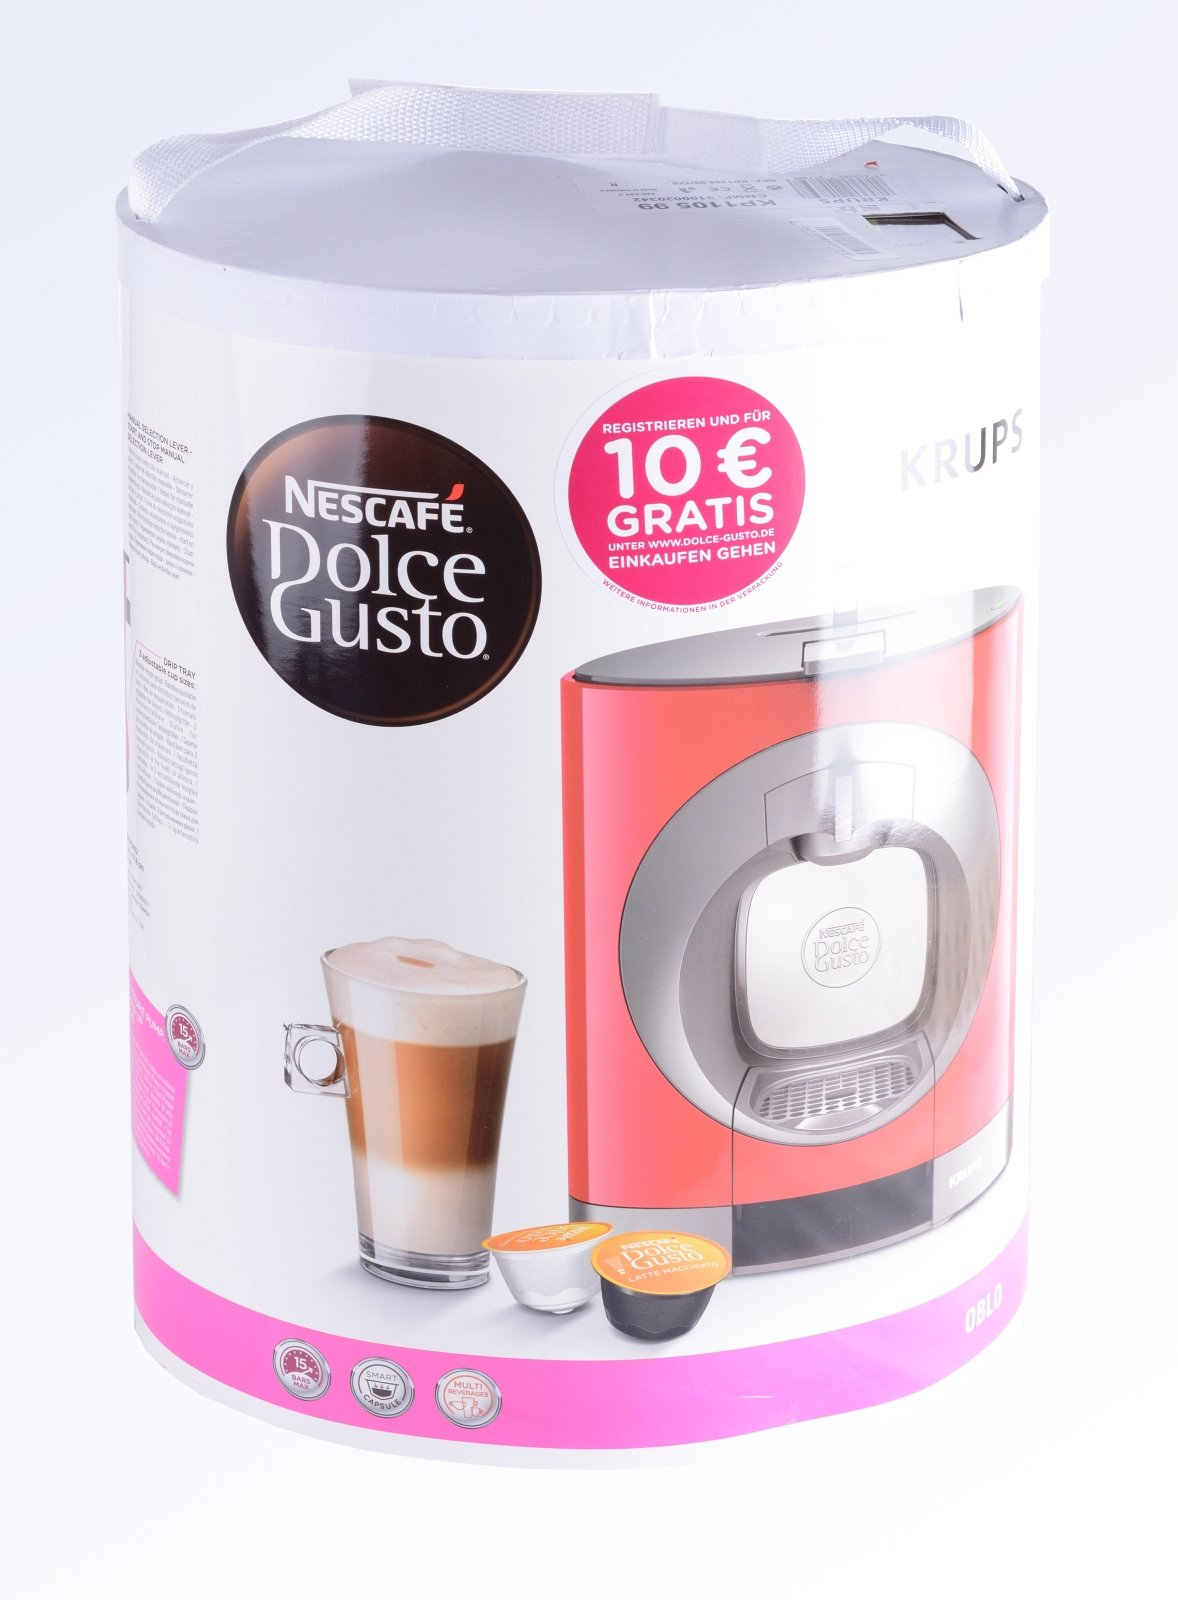 Krups-KP-1101-Nescaf-Dolce-Gusto-Oblo-Kaffeekapselmaschine-manuell